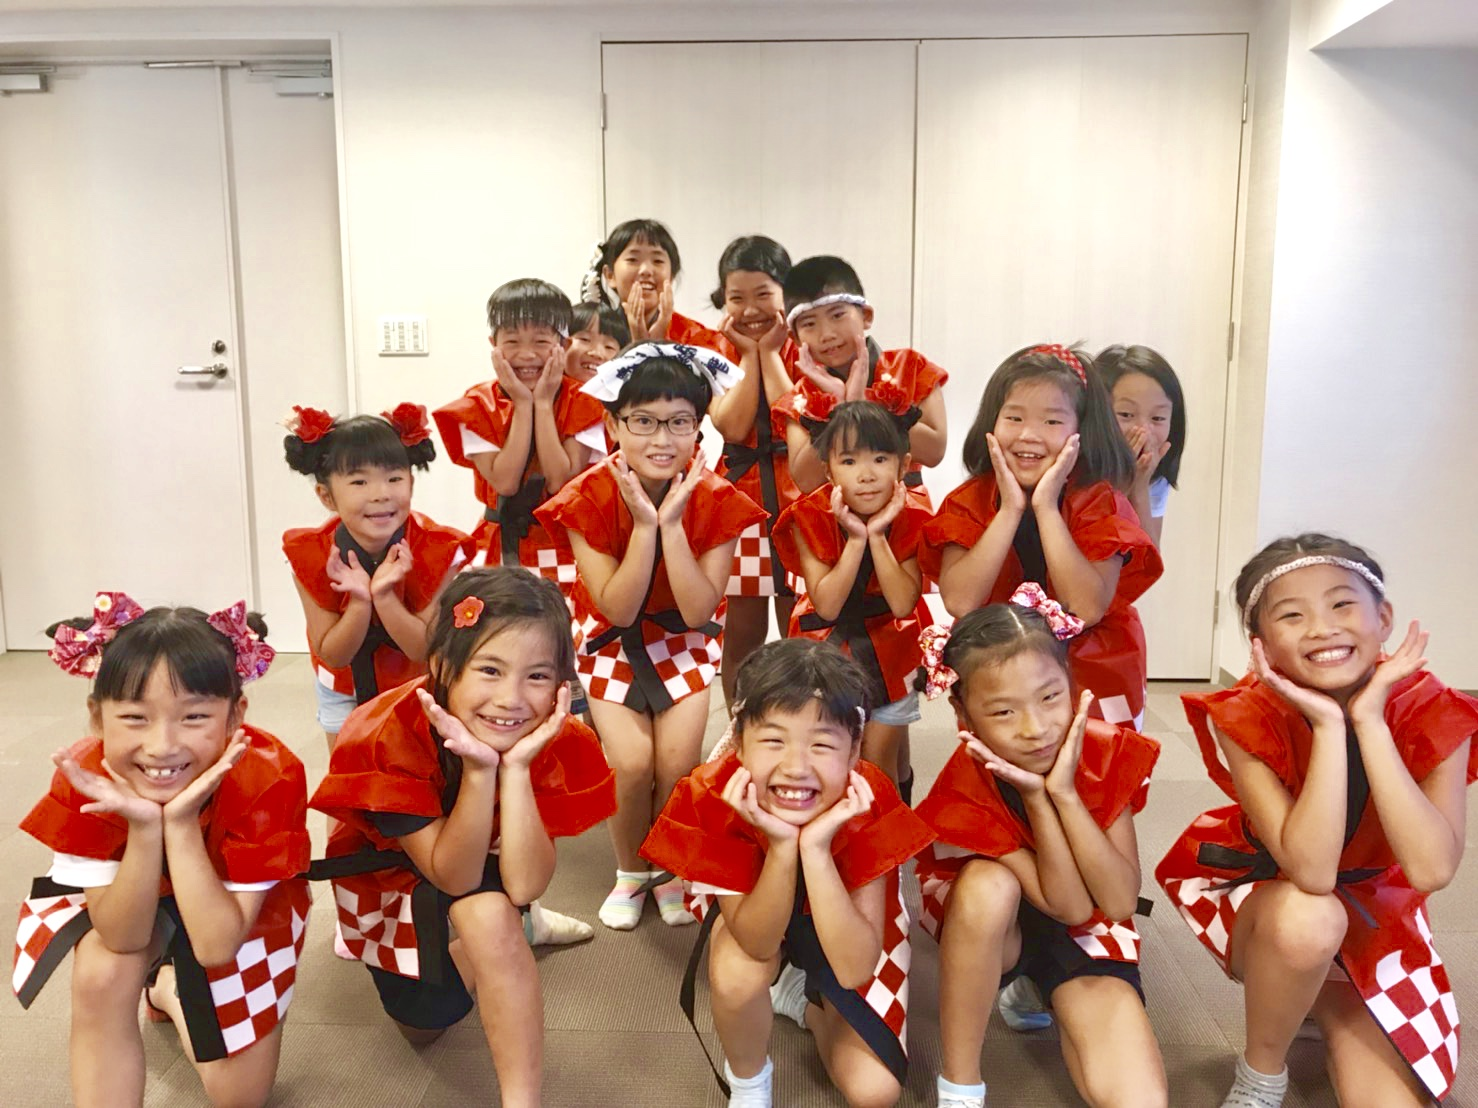 尼崎ダンスサークルMcrewにとって初イベント「カリー寺2018」